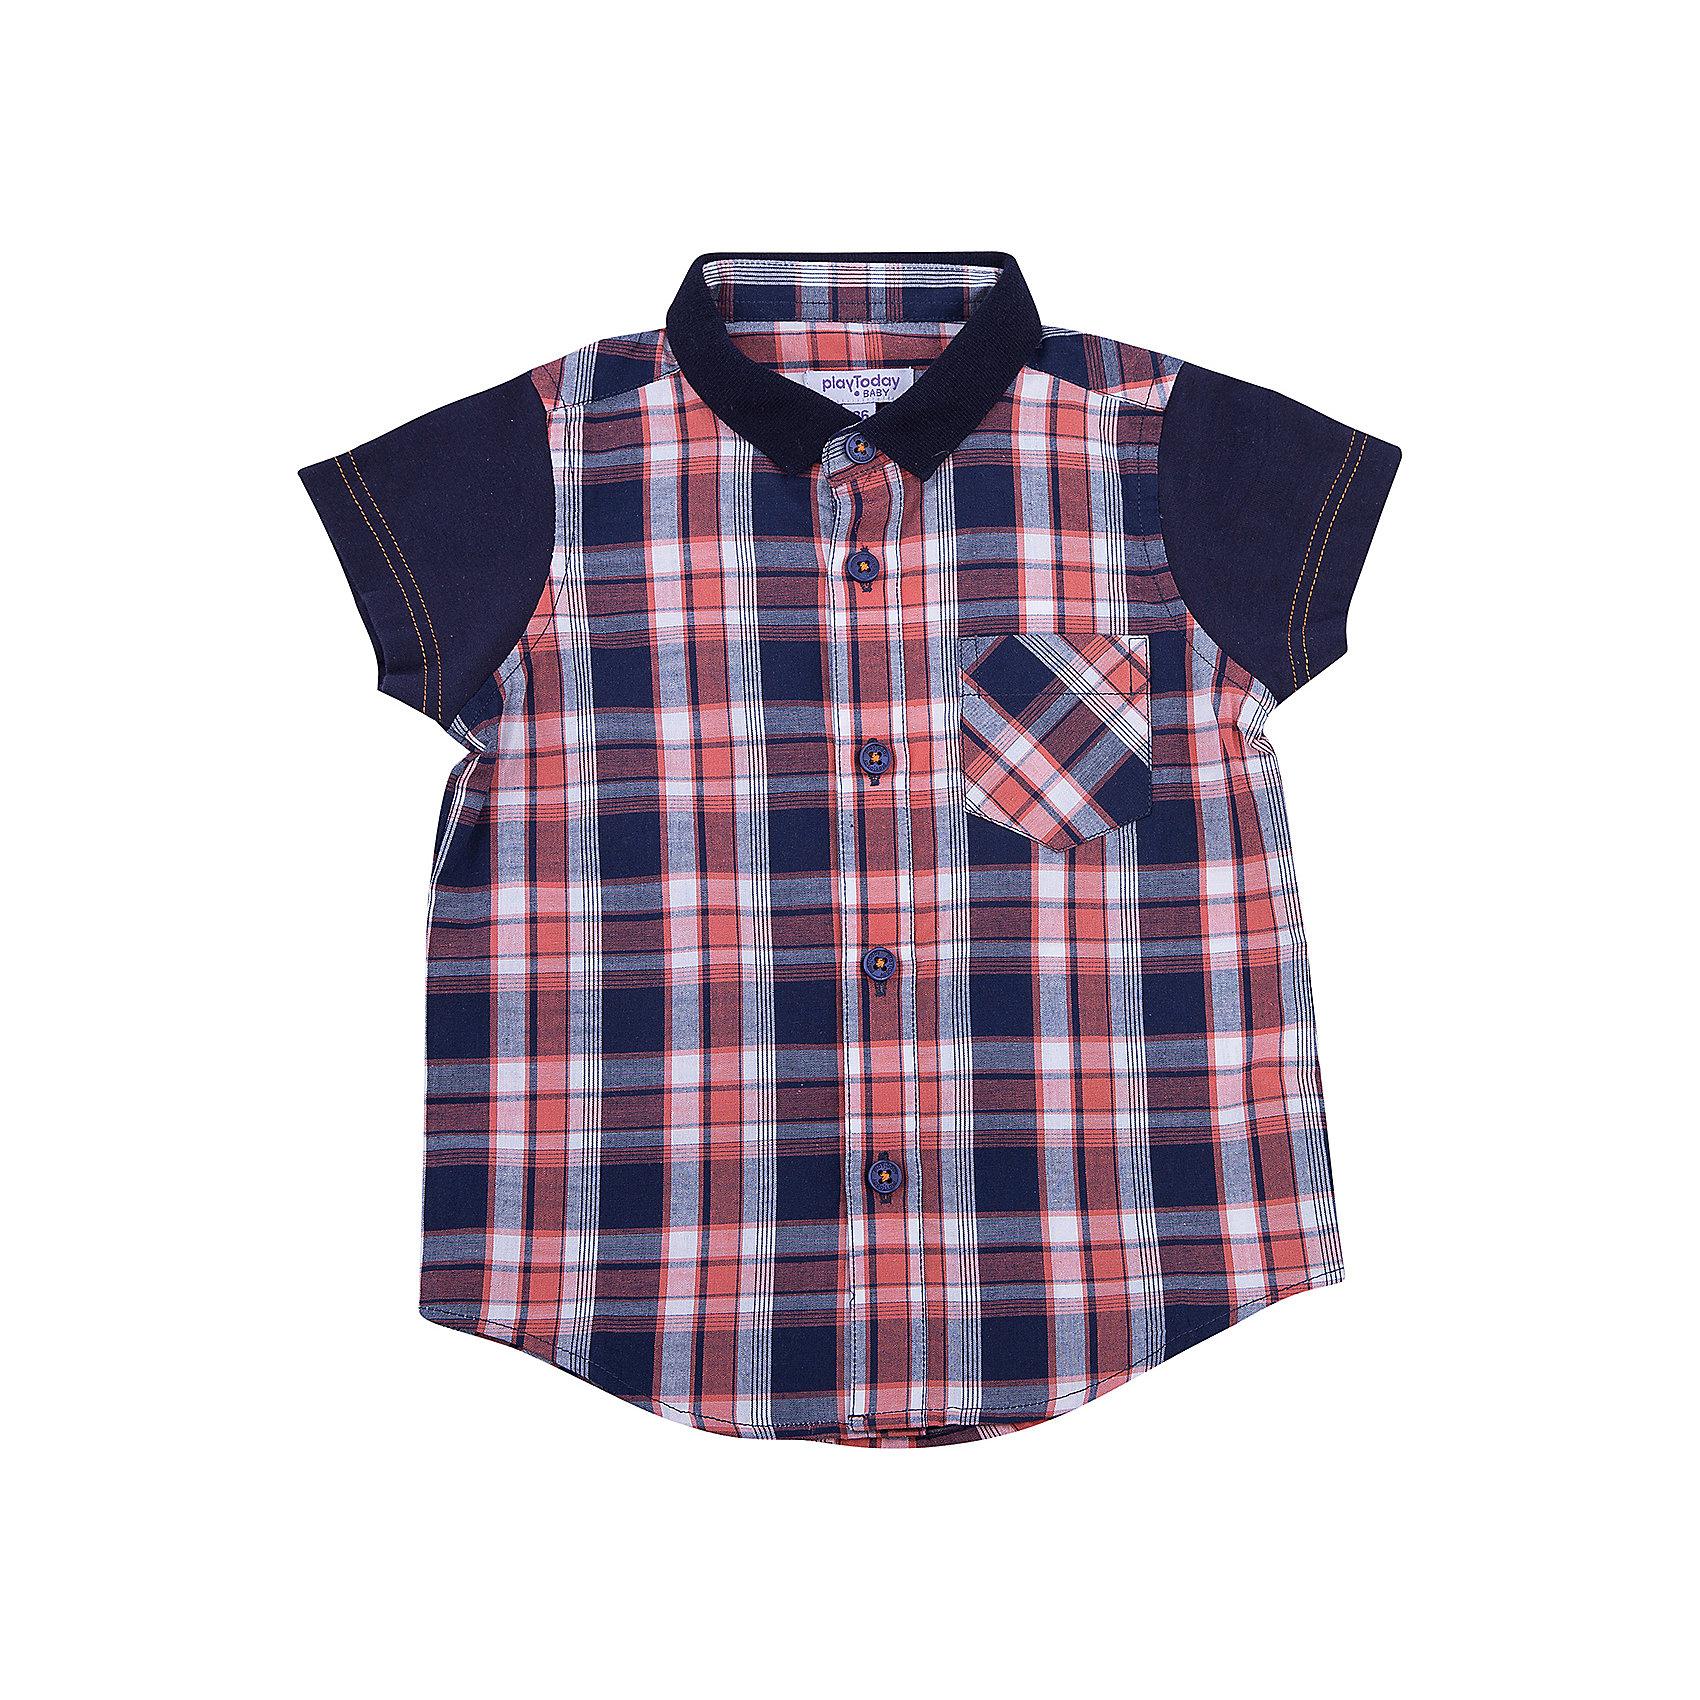 Сорочка для мальчика PlayTodayСорочка для мальчика PlayToday<br>Эффектная сорочка с коротким рукавом для мальчика в стиле кантри.  Практична и очень удобна для повседневной носки. Ткань  мягкая и приятная на ощупь, не раздражает нежную детскую кожу. Стиль отвечает всем последним тенденциям детской моды.  Рубашка с отложным воротничком и накладным карманом. Даже в самой активной игре  Ваш ребенок будет всегда иметь аккуратный вид.Преимущества: Качественная тонкая ткань не раздражает нежную кожу ребенкаМодель с отложным воротником  и накладным карманом<br>Состав:<br>100% хлопок<br><br>Ширина мм: 157<br>Глубина мм: 13<br>Высота мм: 119<br>Вес г: 200<br>Цвет: разноцветный<br>Возраст от месяцев: 18<br>Возраст до месяцев: 24<br>Пол: Мужской<br>Возраст: Детский<br>Размер: 80,92,74,86<br>SKU: 5407855